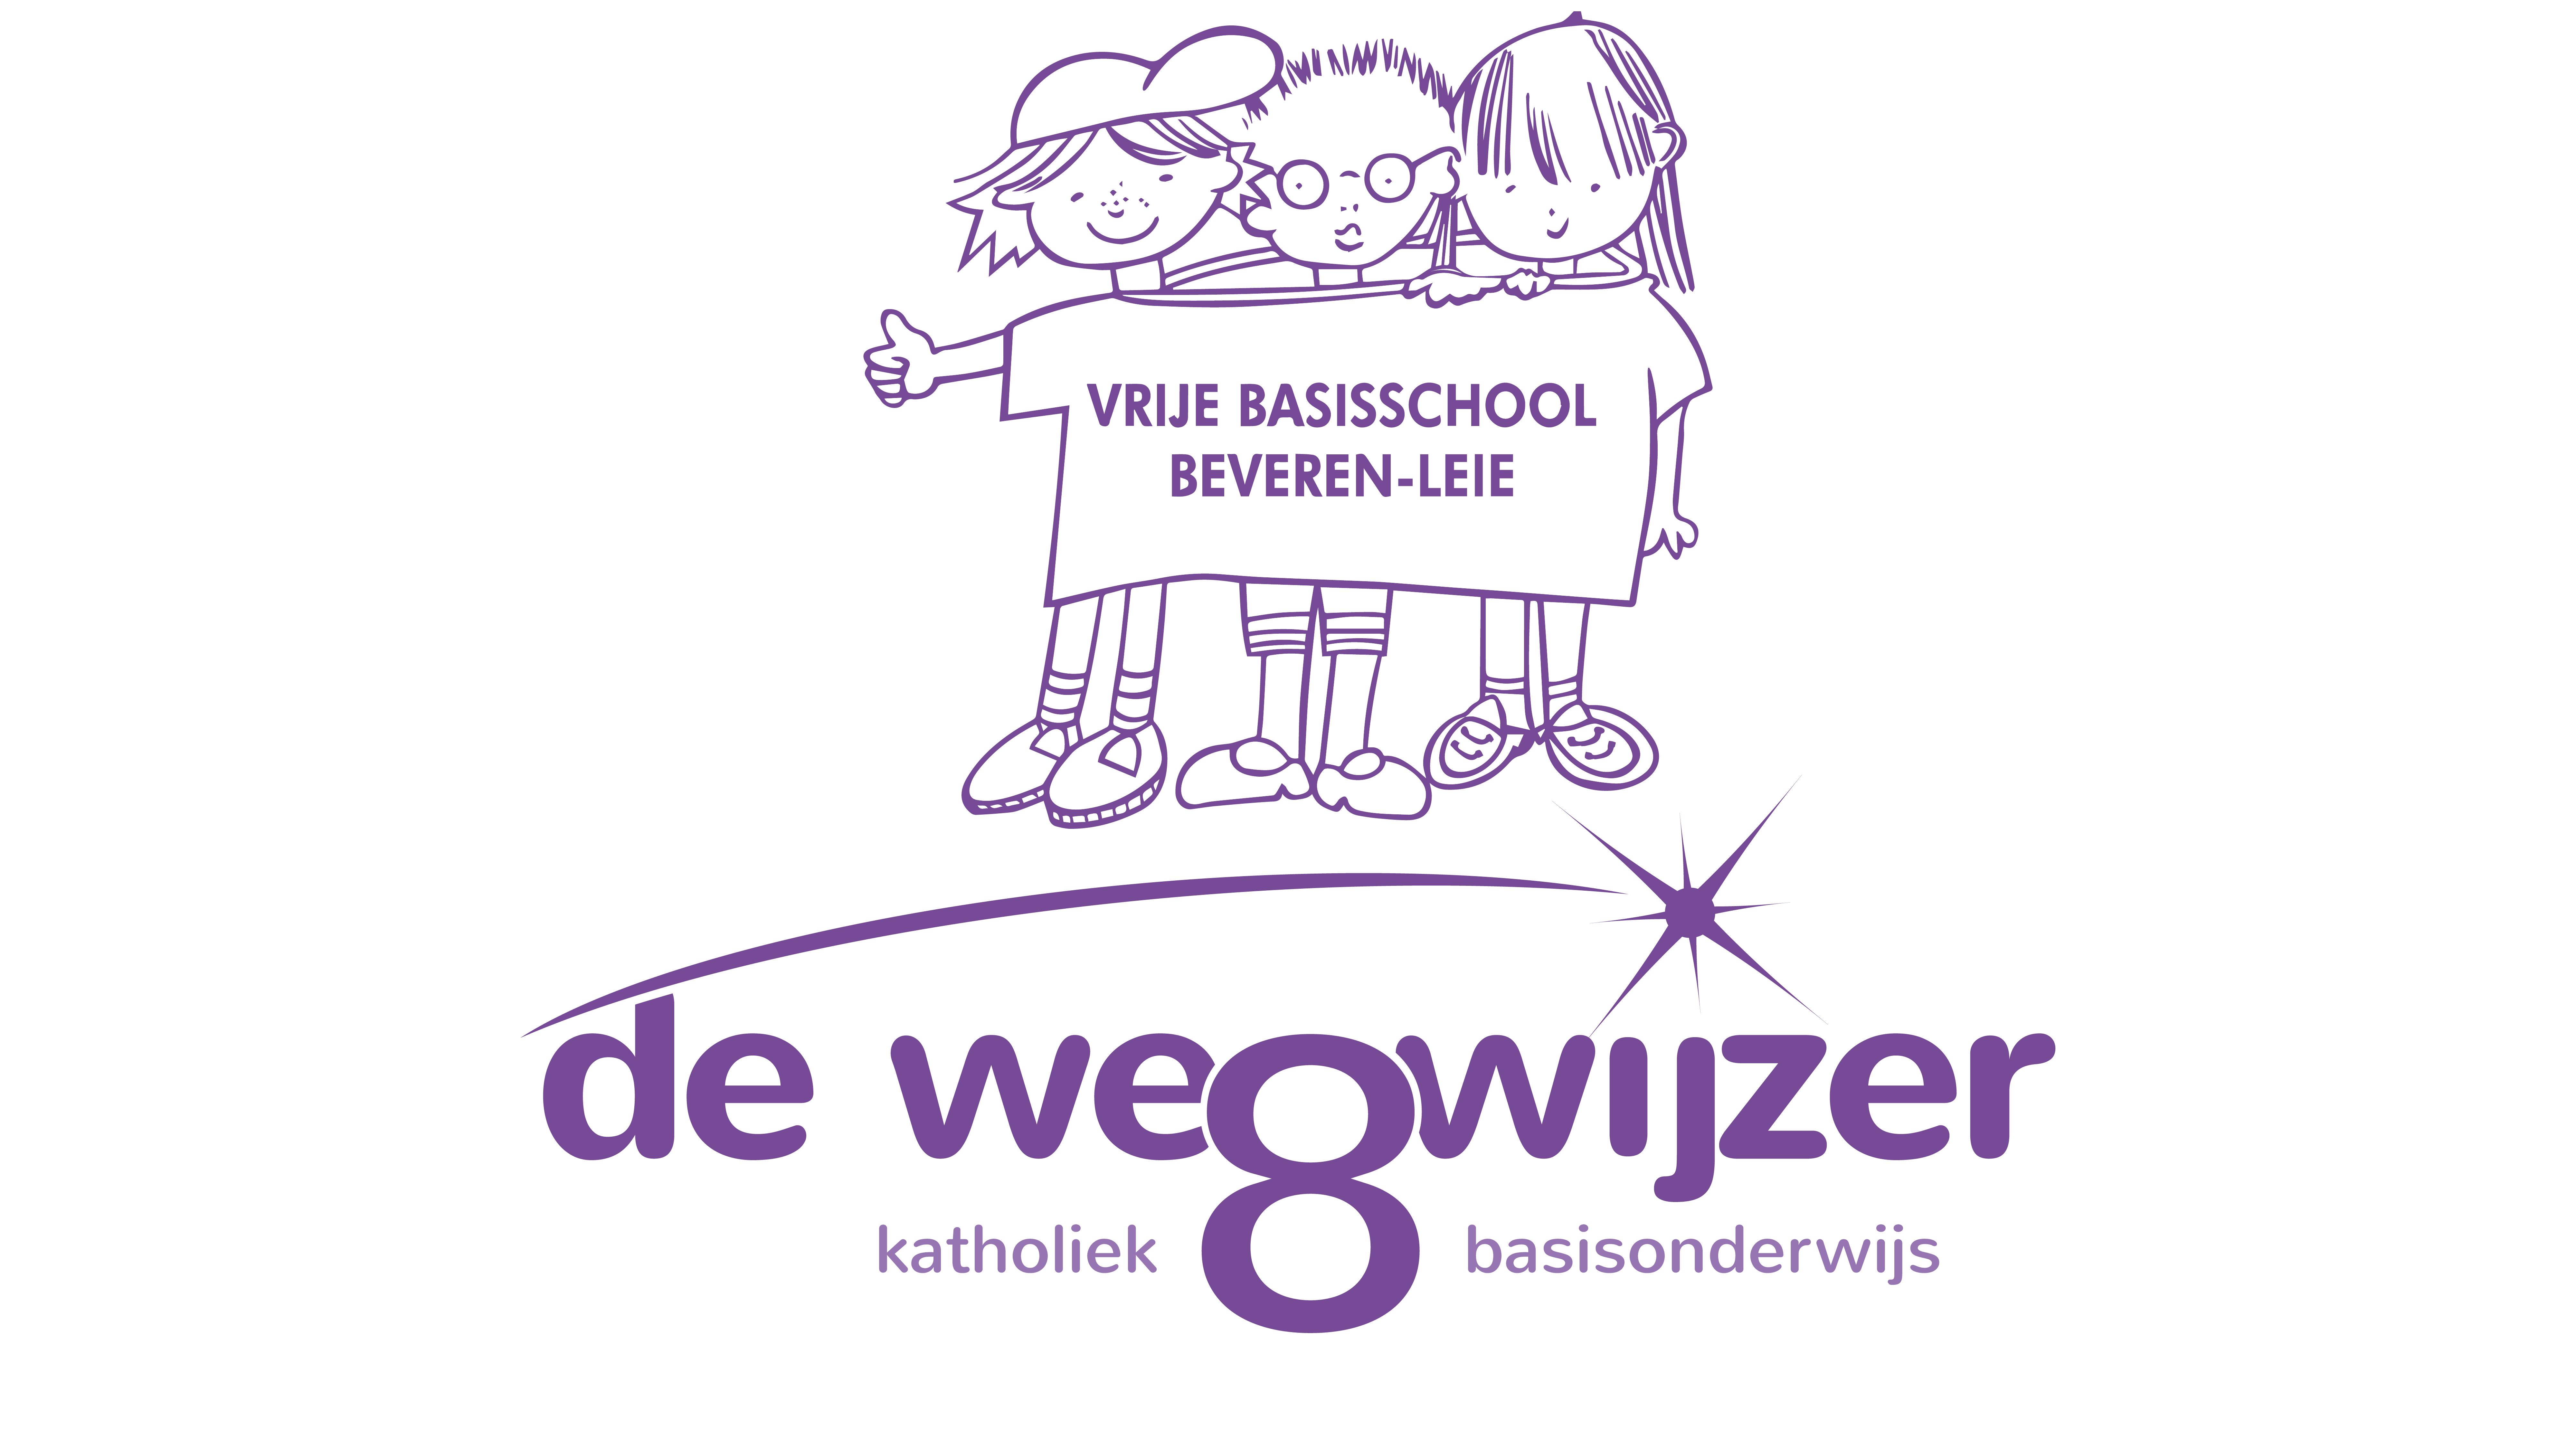 VBS Beveren-Leie - KBO De Wegwijzer